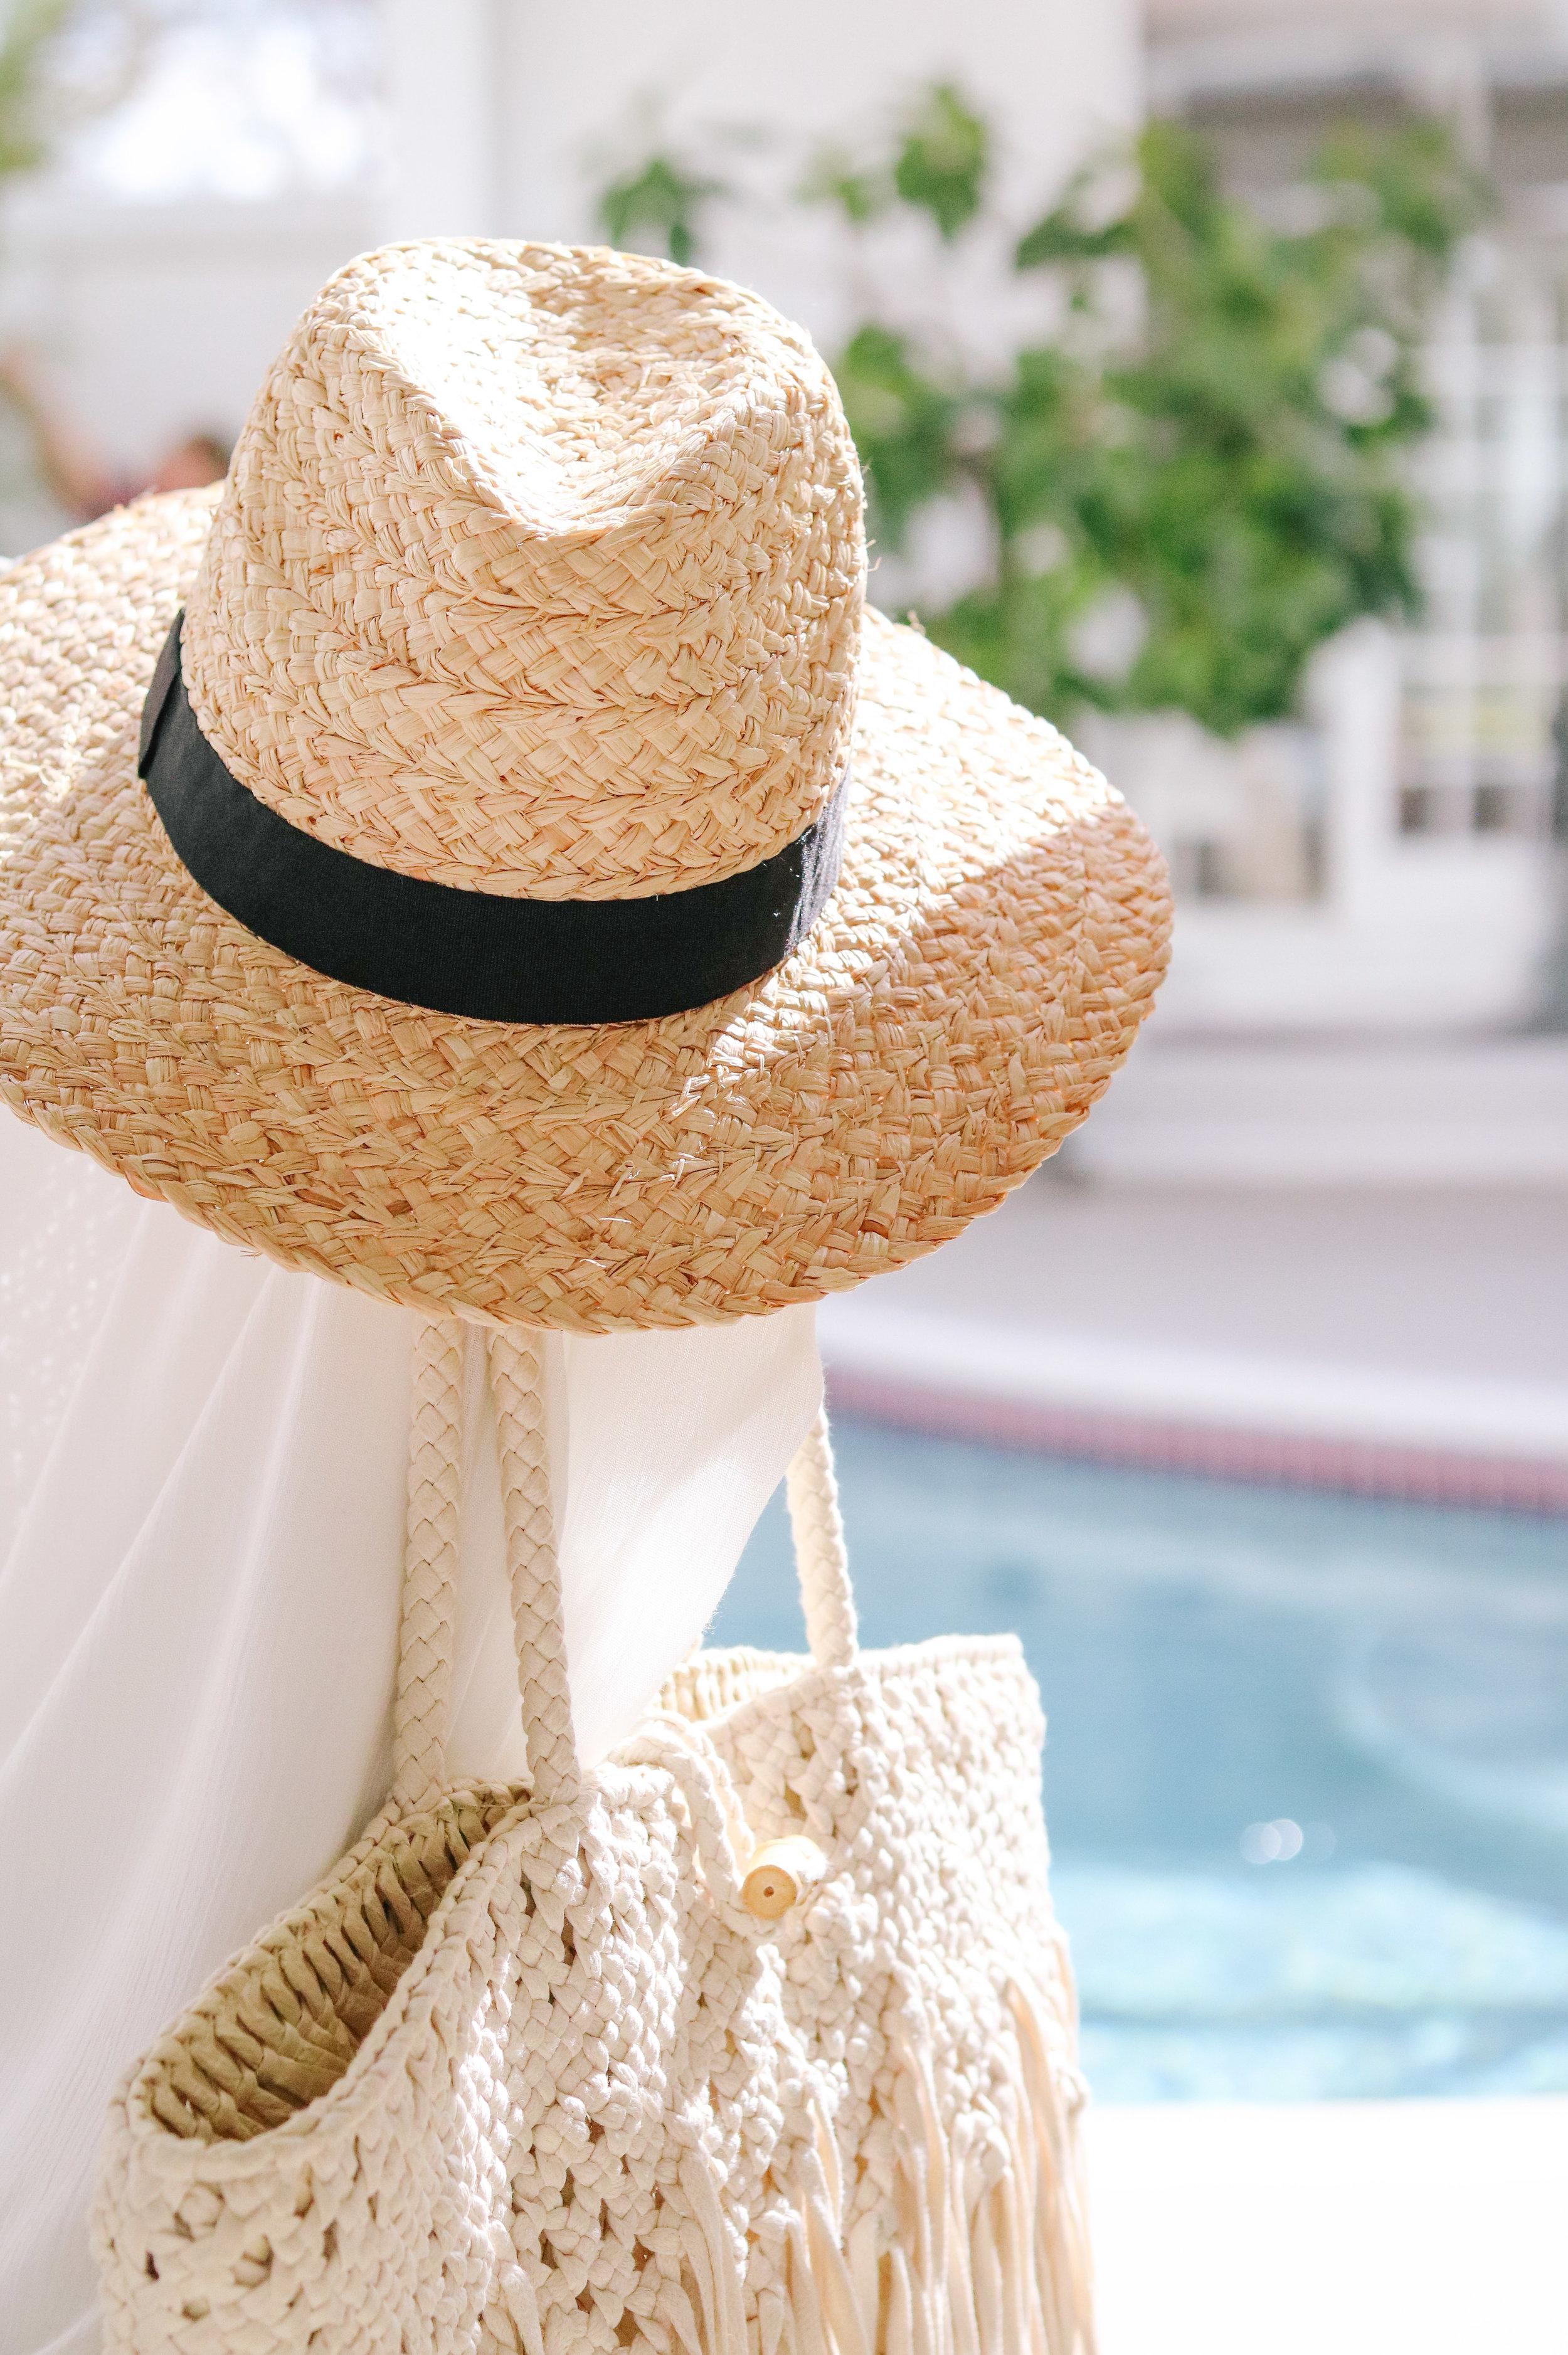 Resort Wear for Warm Weather Getaways - Courtney Brown